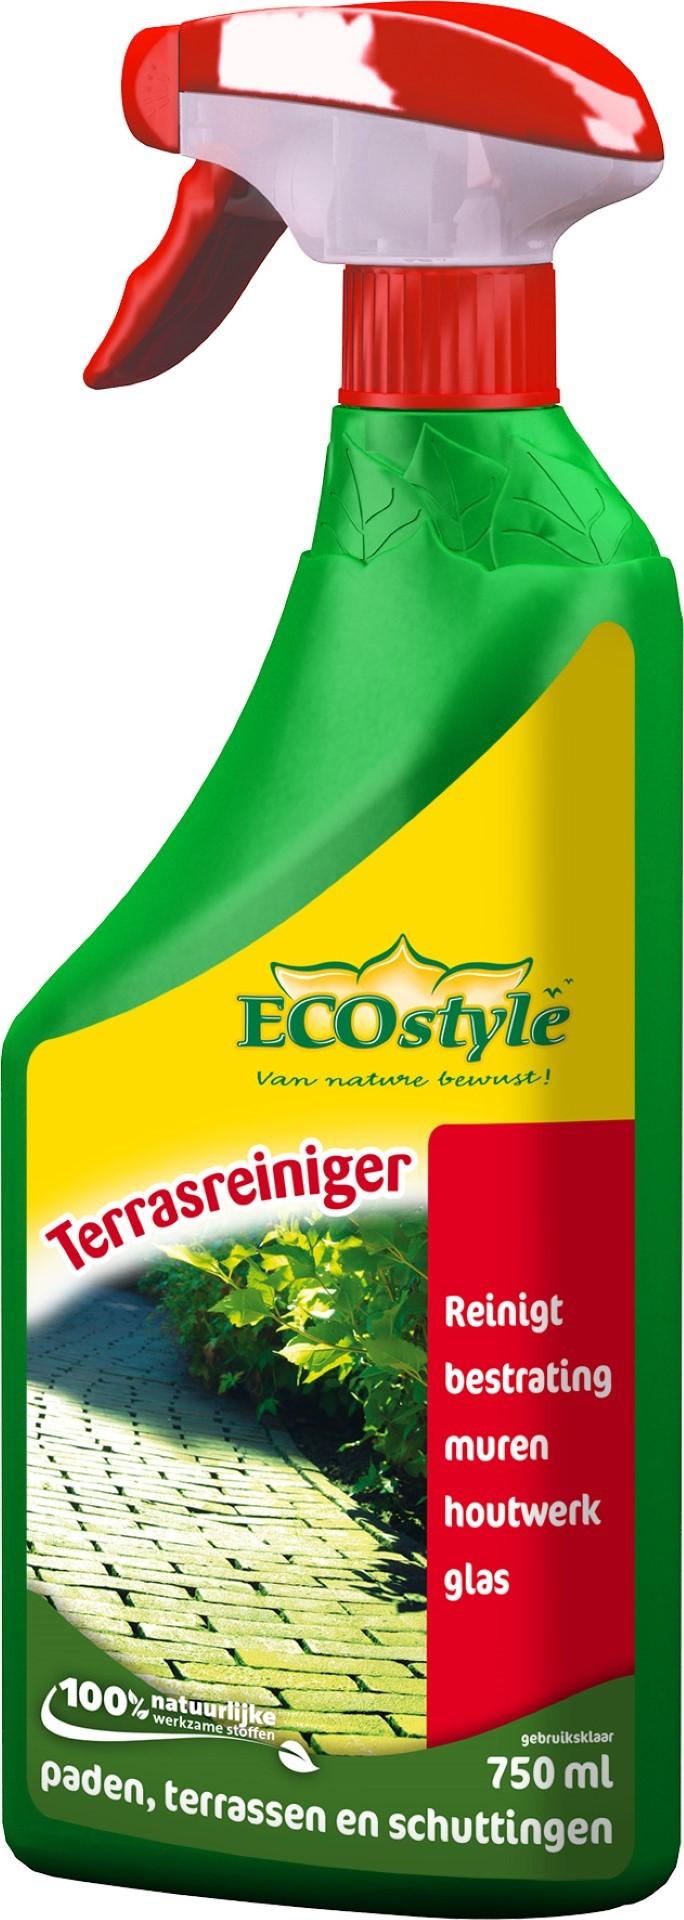 Terrasreiniger (gebruiksklaar)